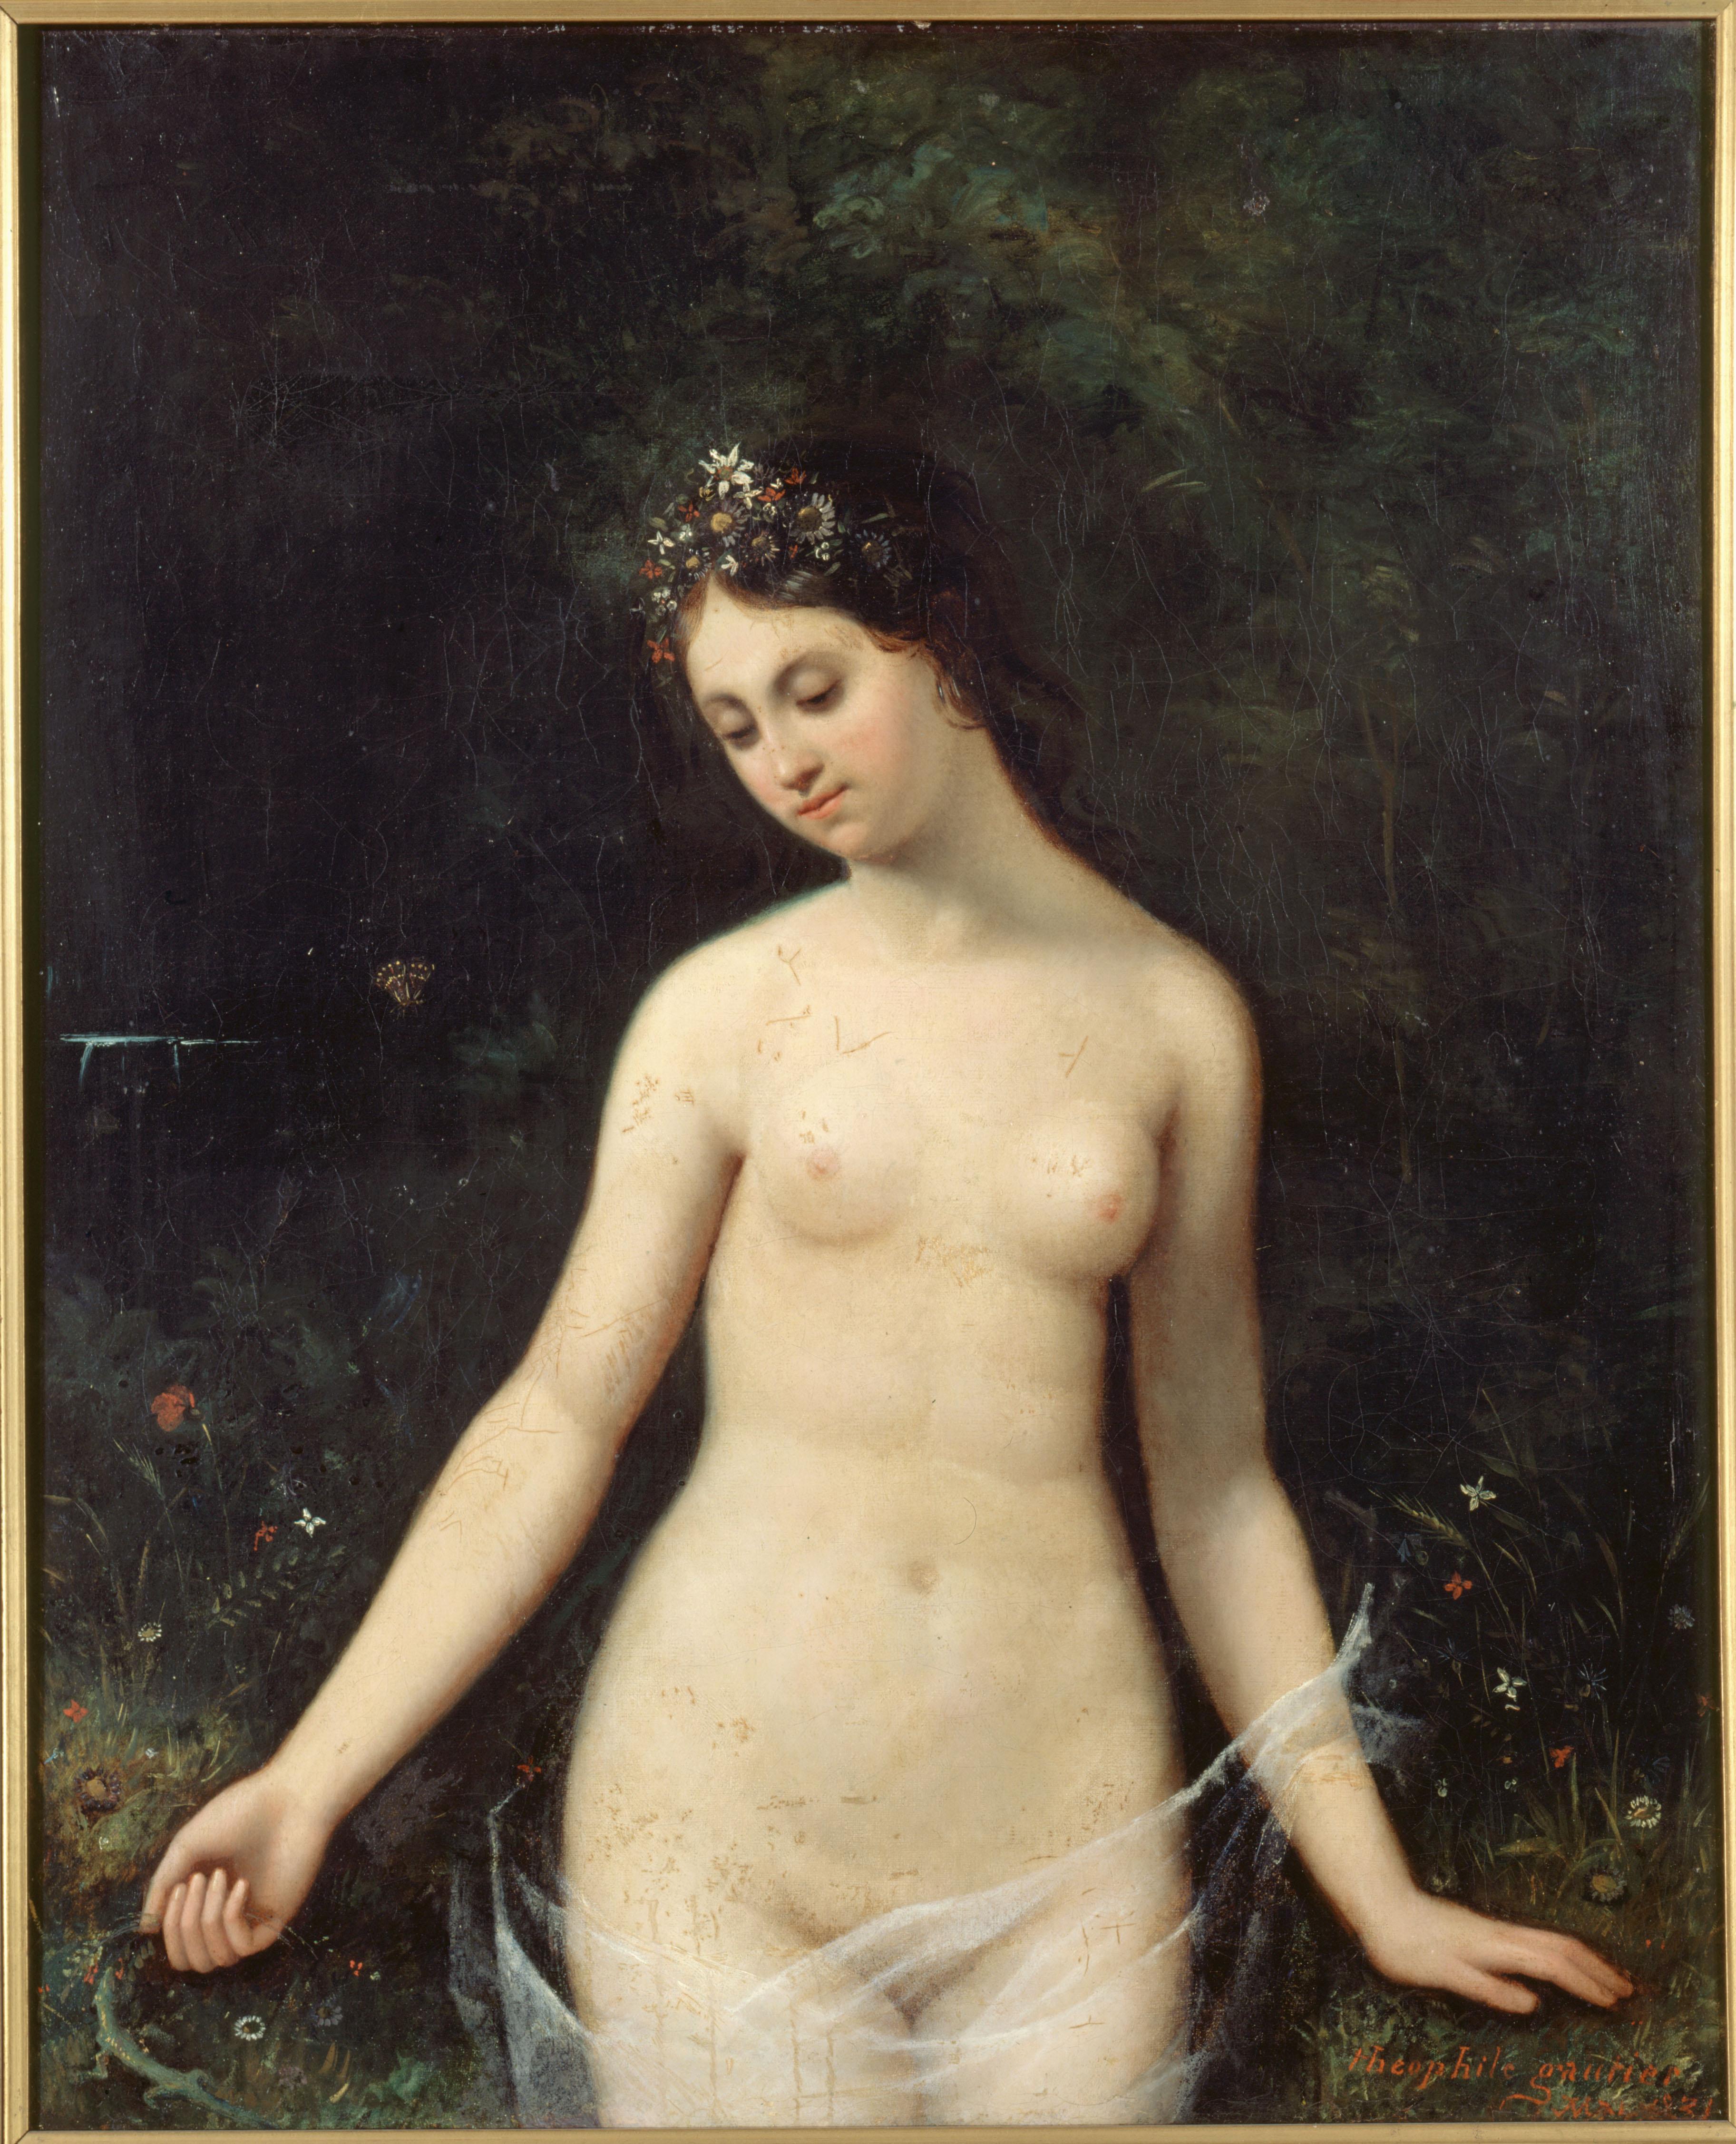 Jeune femme nue, peinture de Théophile Gautier